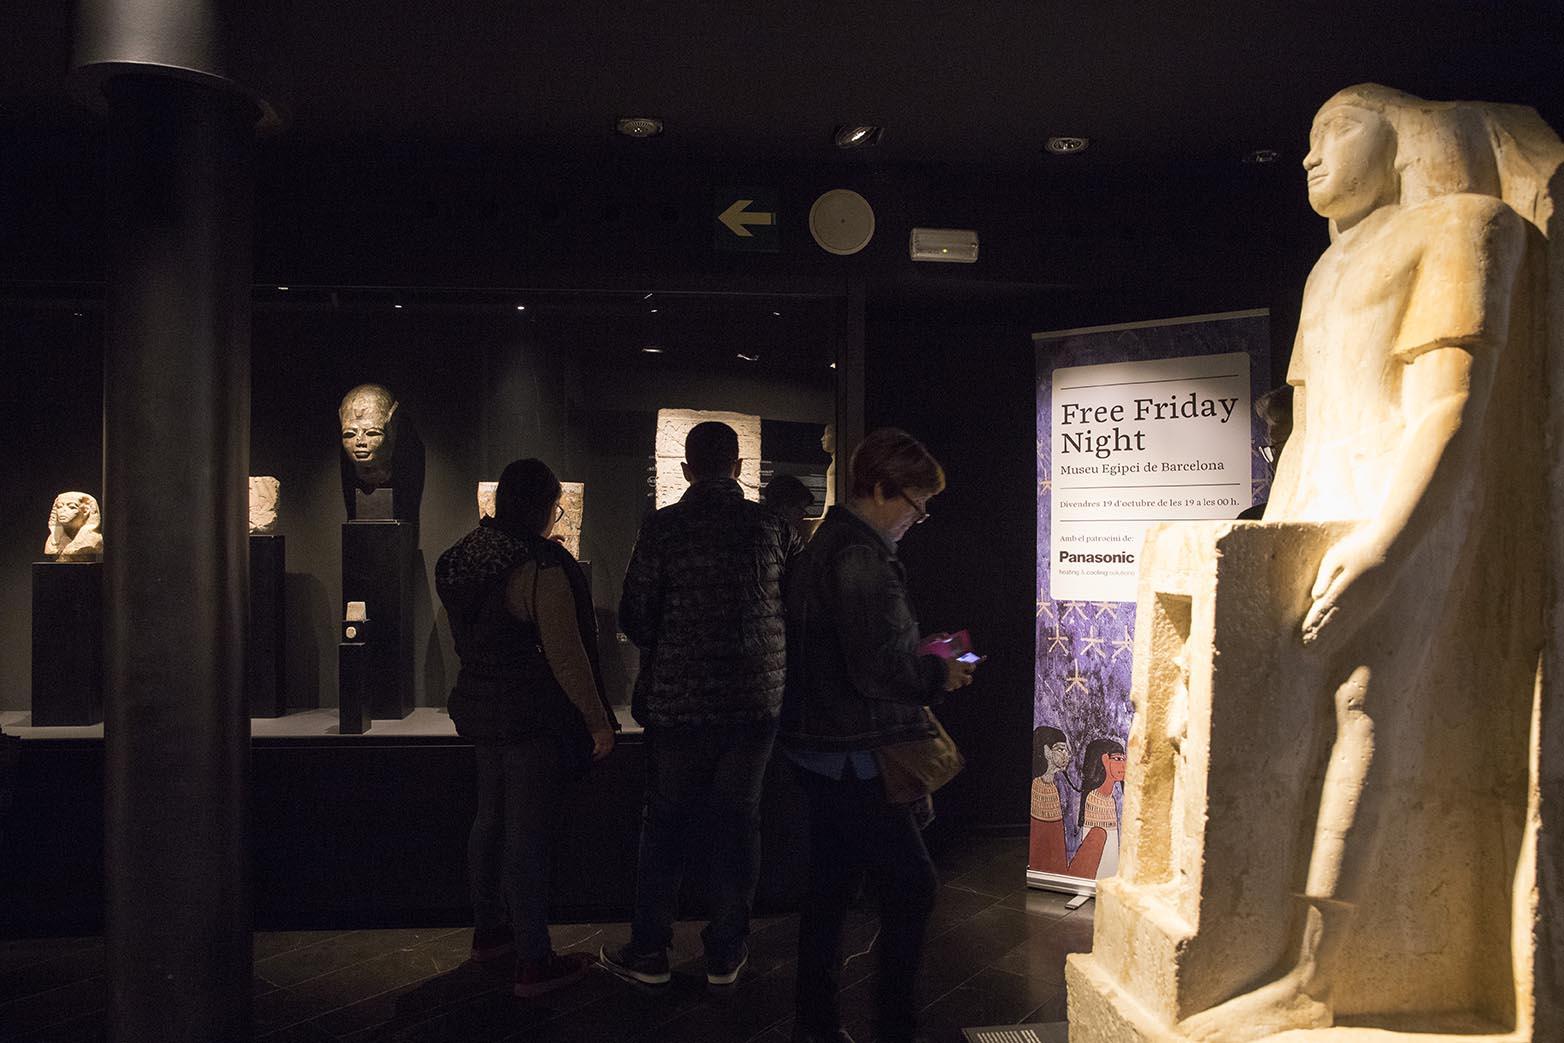 free friday night al museu egipci 17 de octubre